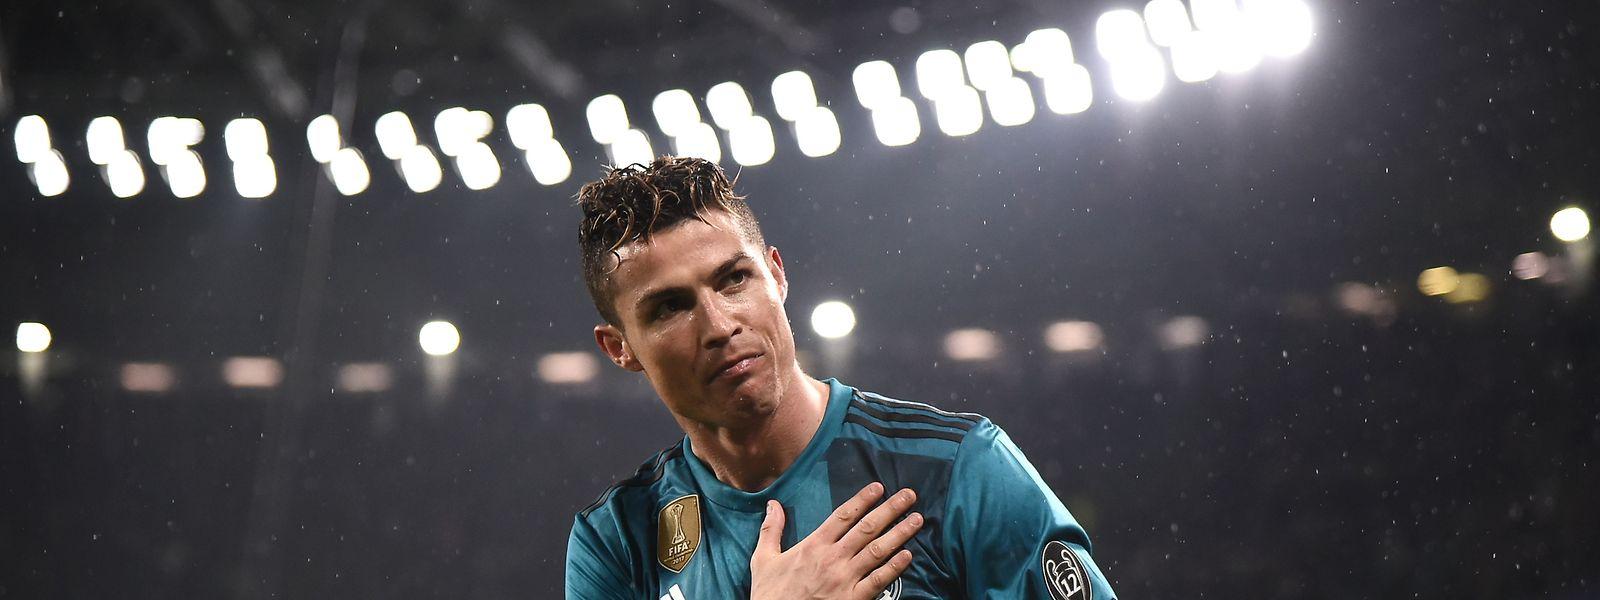 Na reedição da final de 2017, Cristiano Ronaldo voltou a ser decisivo, com dois golos, o segundo de pontapé de bicicleta, que fez com que muitos adeptos da Juventus o aplaudissem.